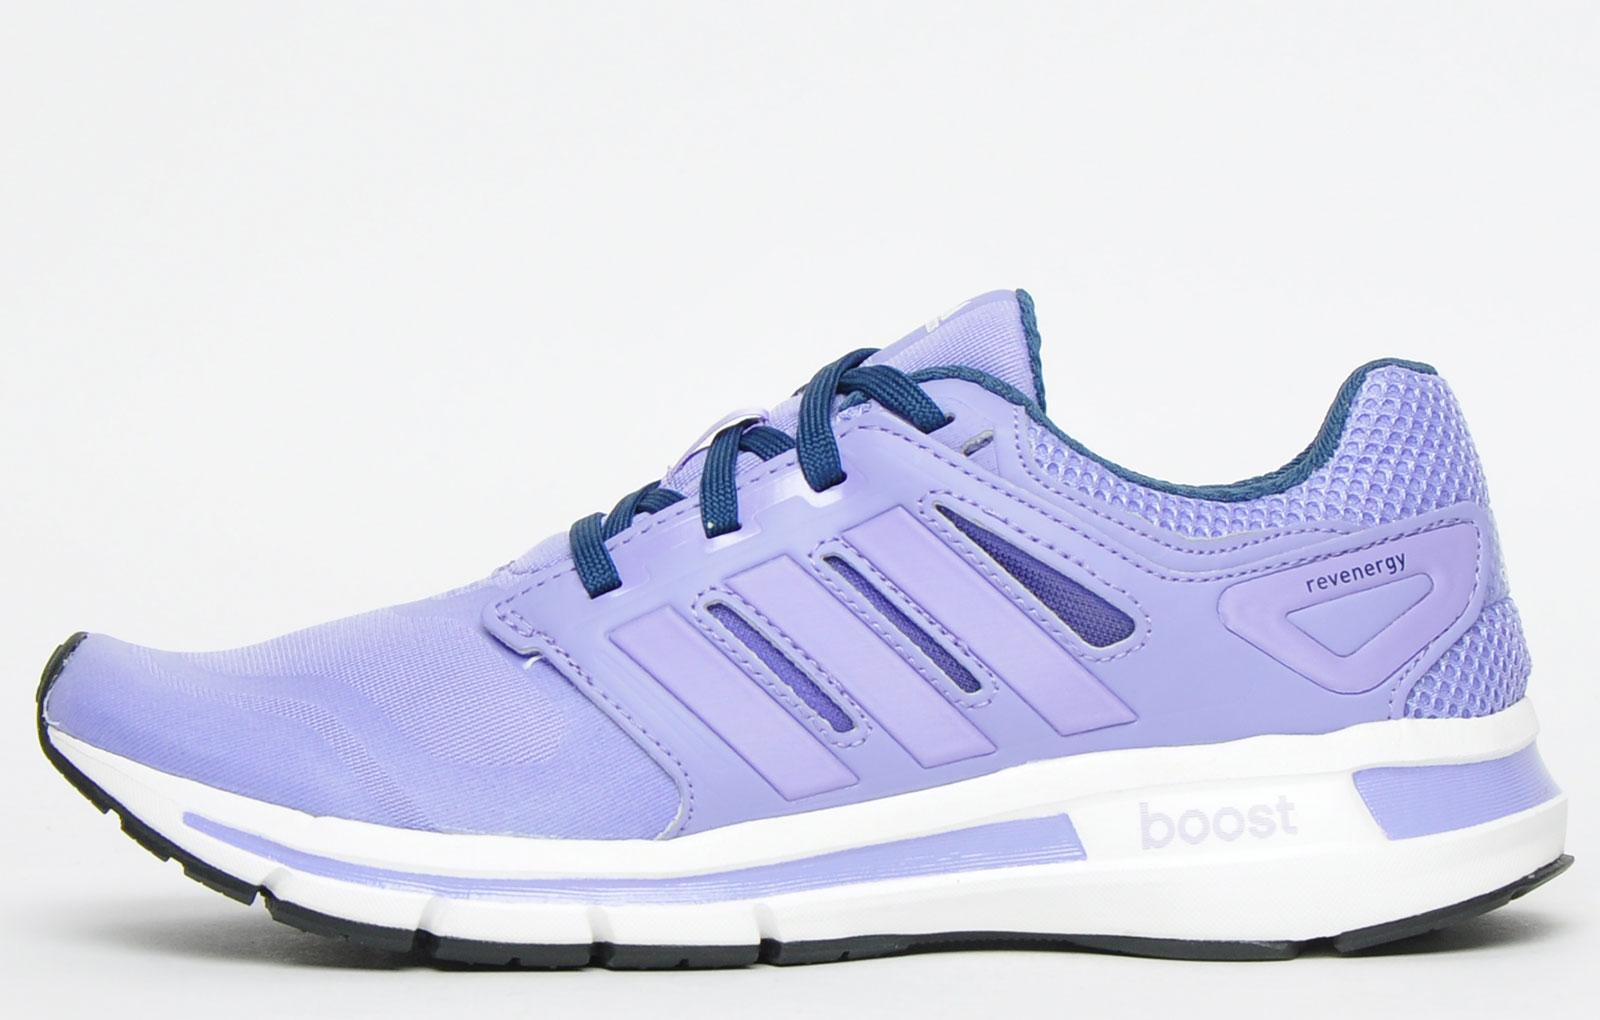 adidas Revenergy Boost Women's Running